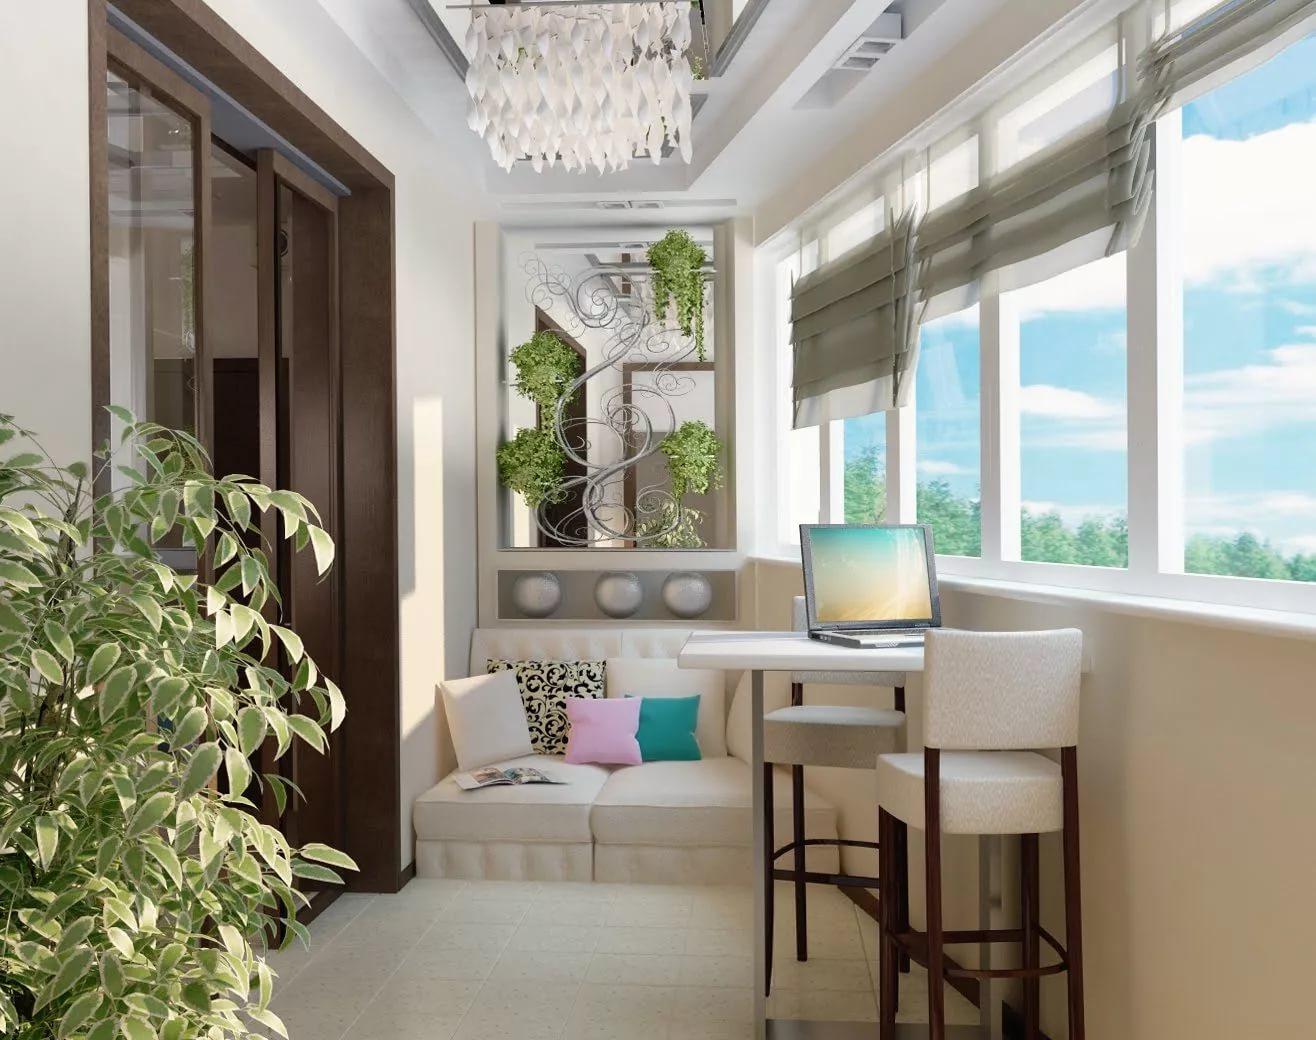 Дизайн интерьера балкона: варианты дизайна, объединяем балко.